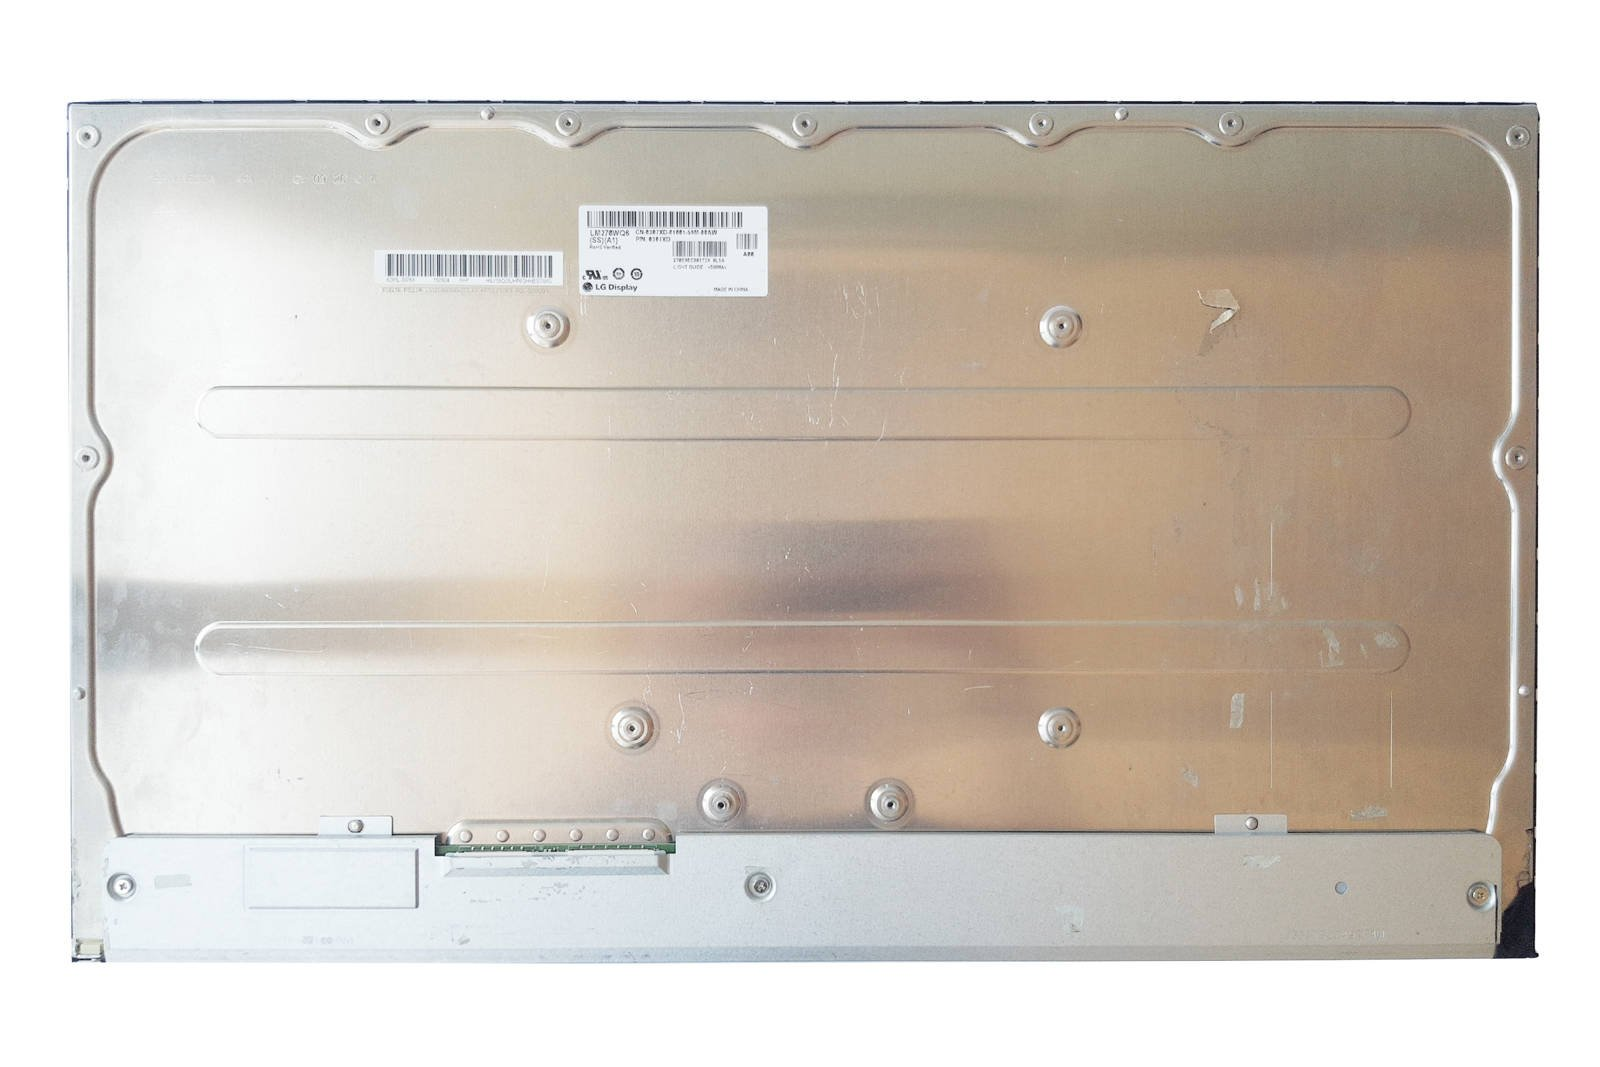 Display Panel Screen LG Display 27' LM270WQ6-SSA1